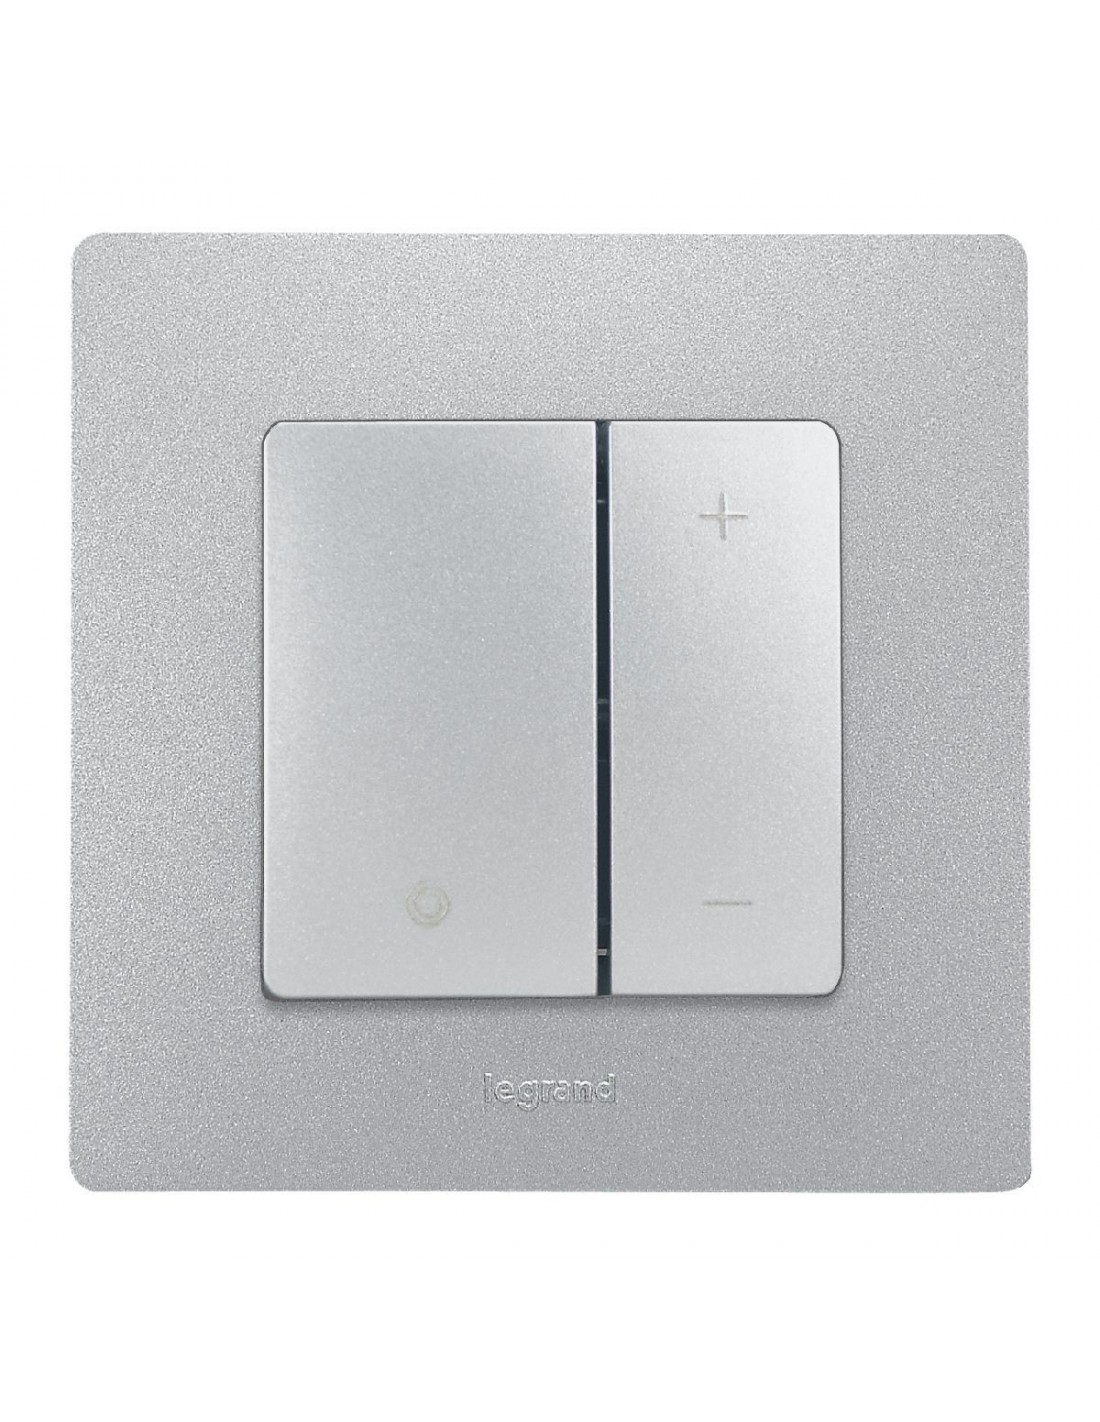 interrupteur variateur argent nilo interrupteur variateur argent nilo. Black Bedroom Furniture Sets. Home Design Ideas